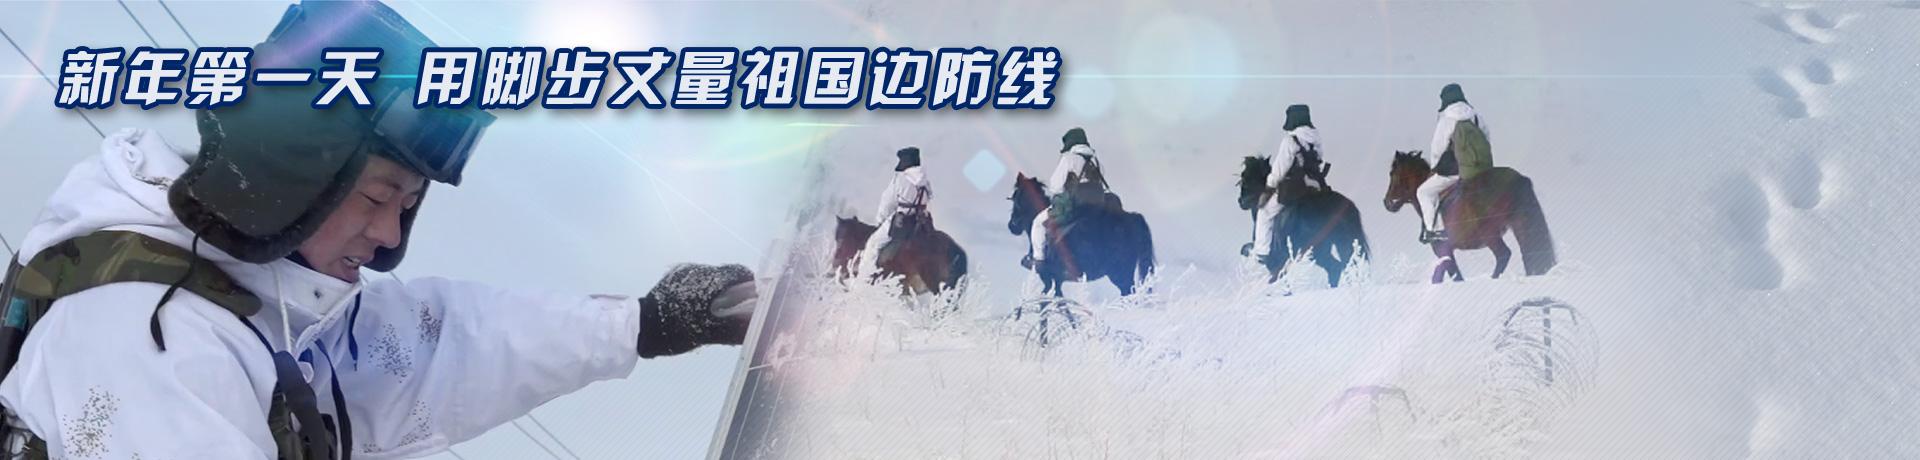 新年第一天 用脚步丈量祖国边防线